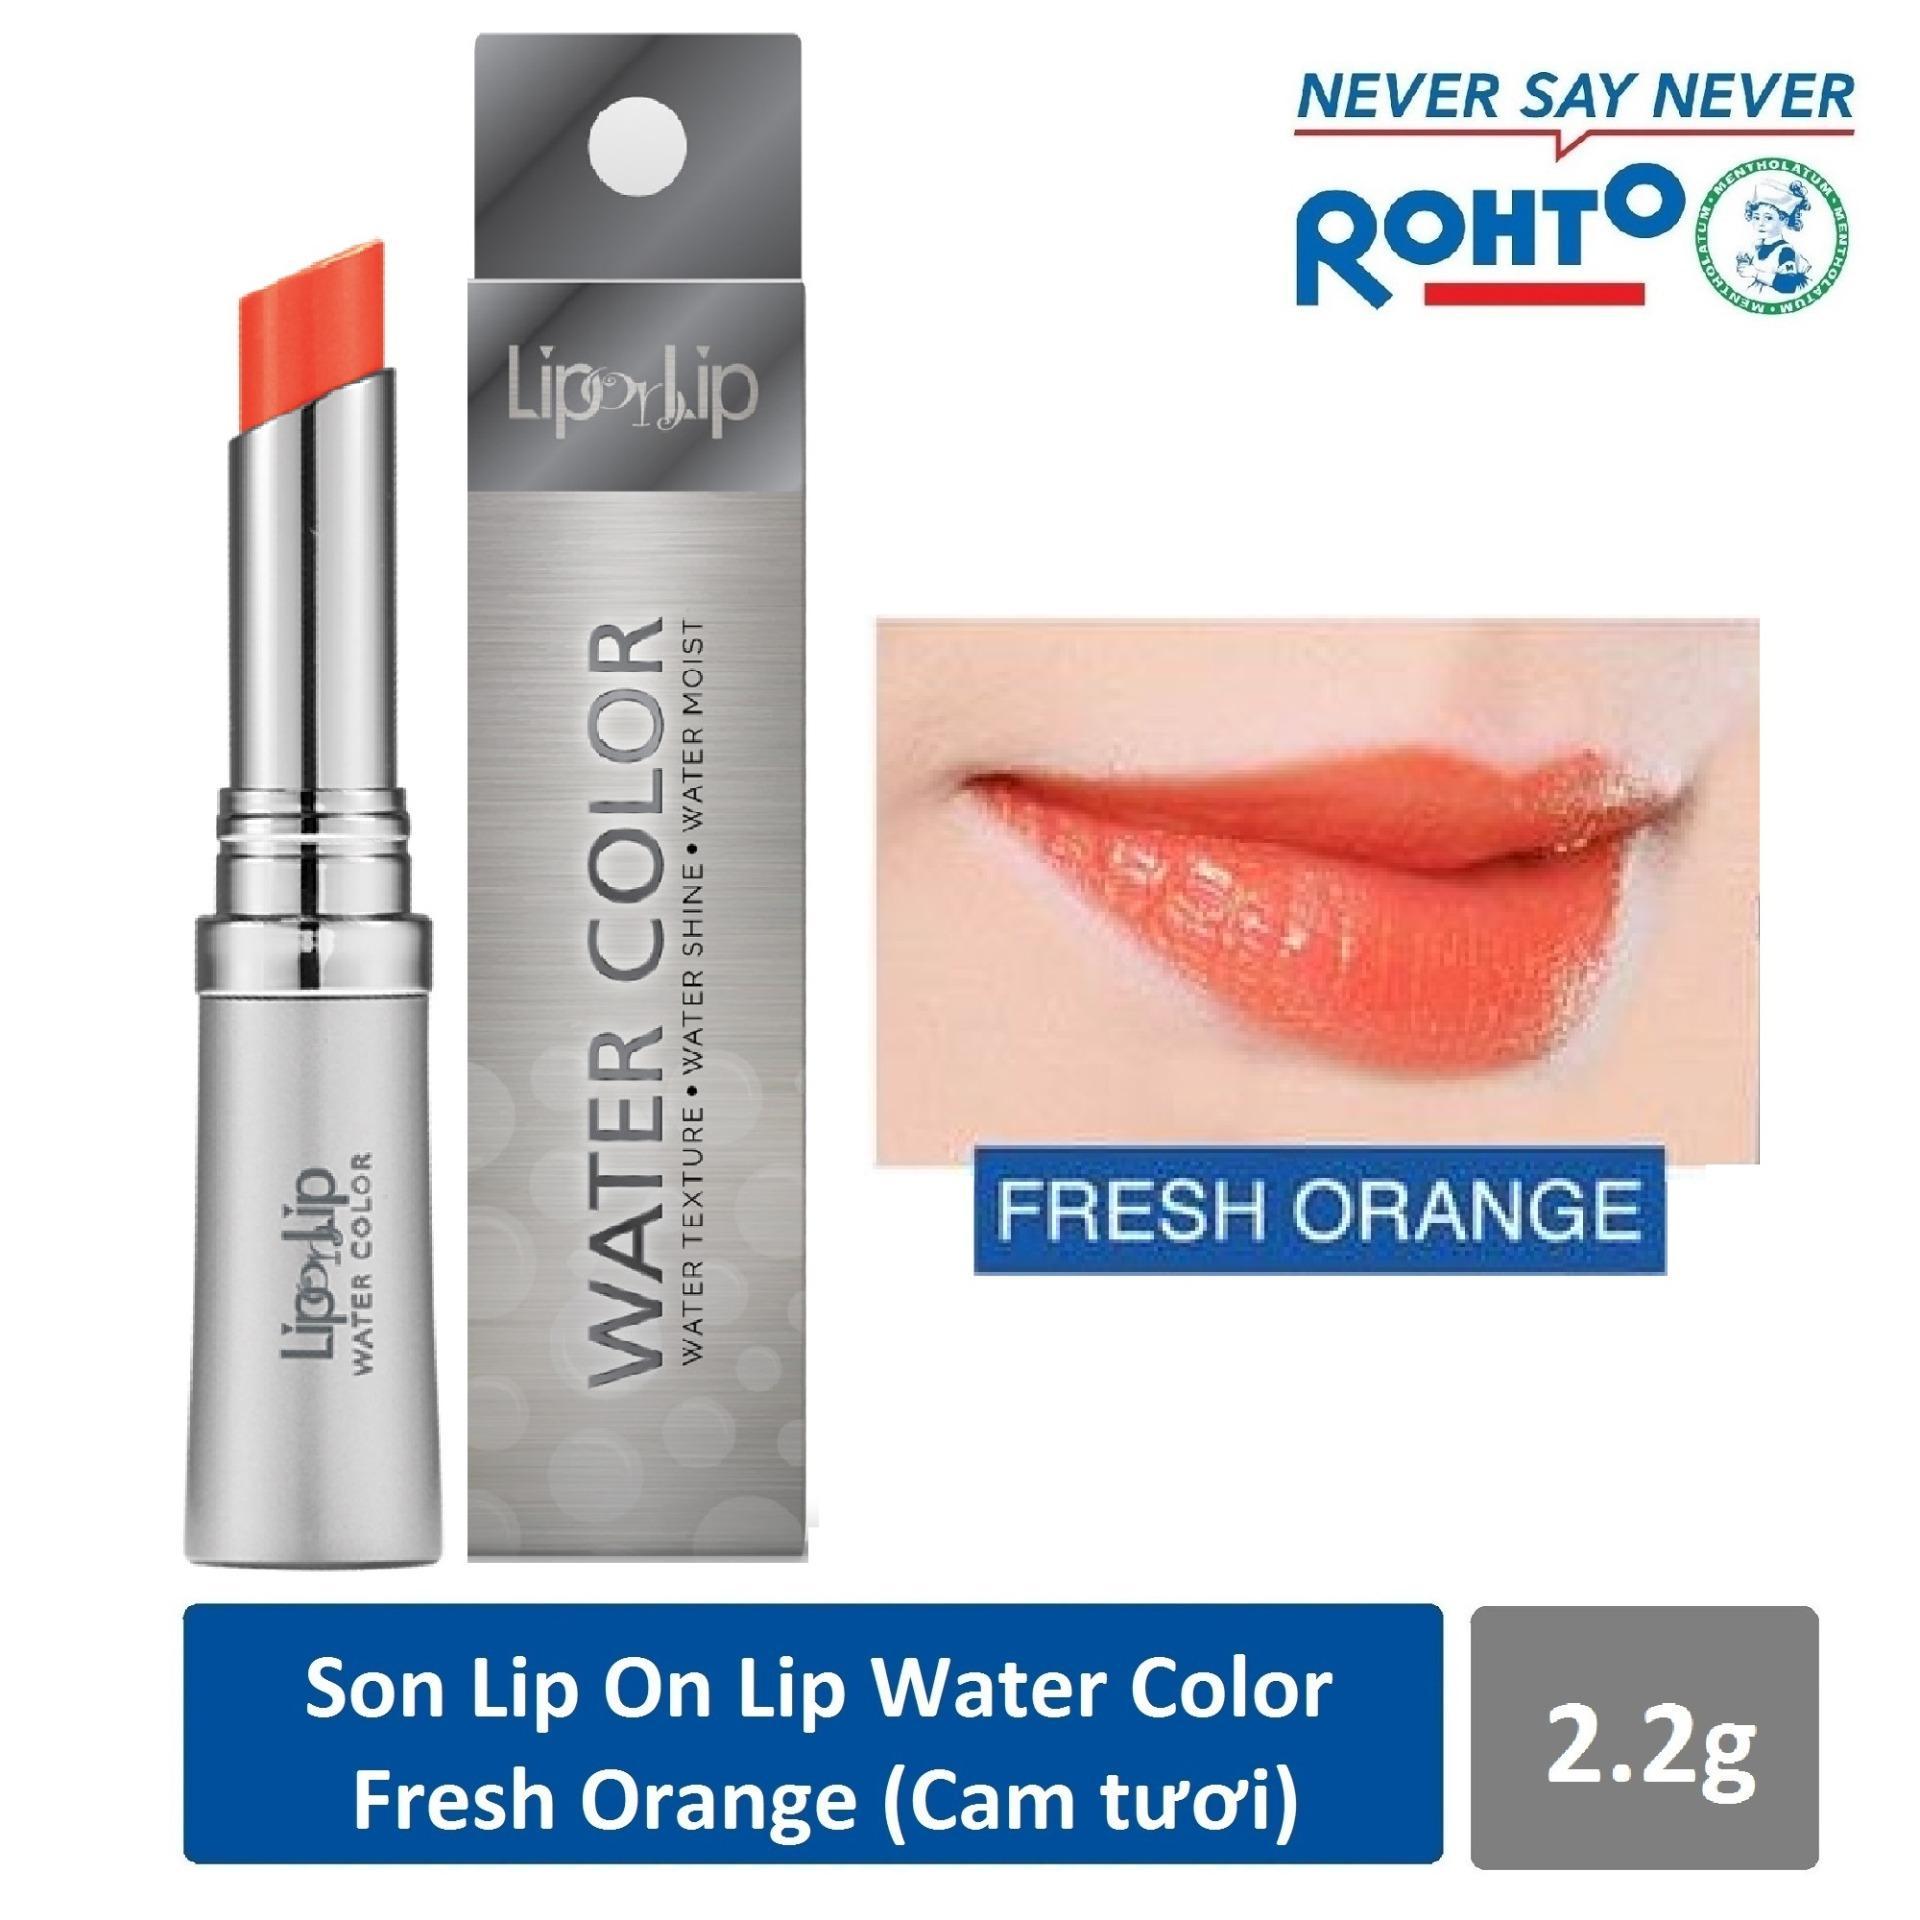 Son trang điểm Lip On Lip Water Color Fresh Orange 2.2g (Cam tươi) tốt nhất